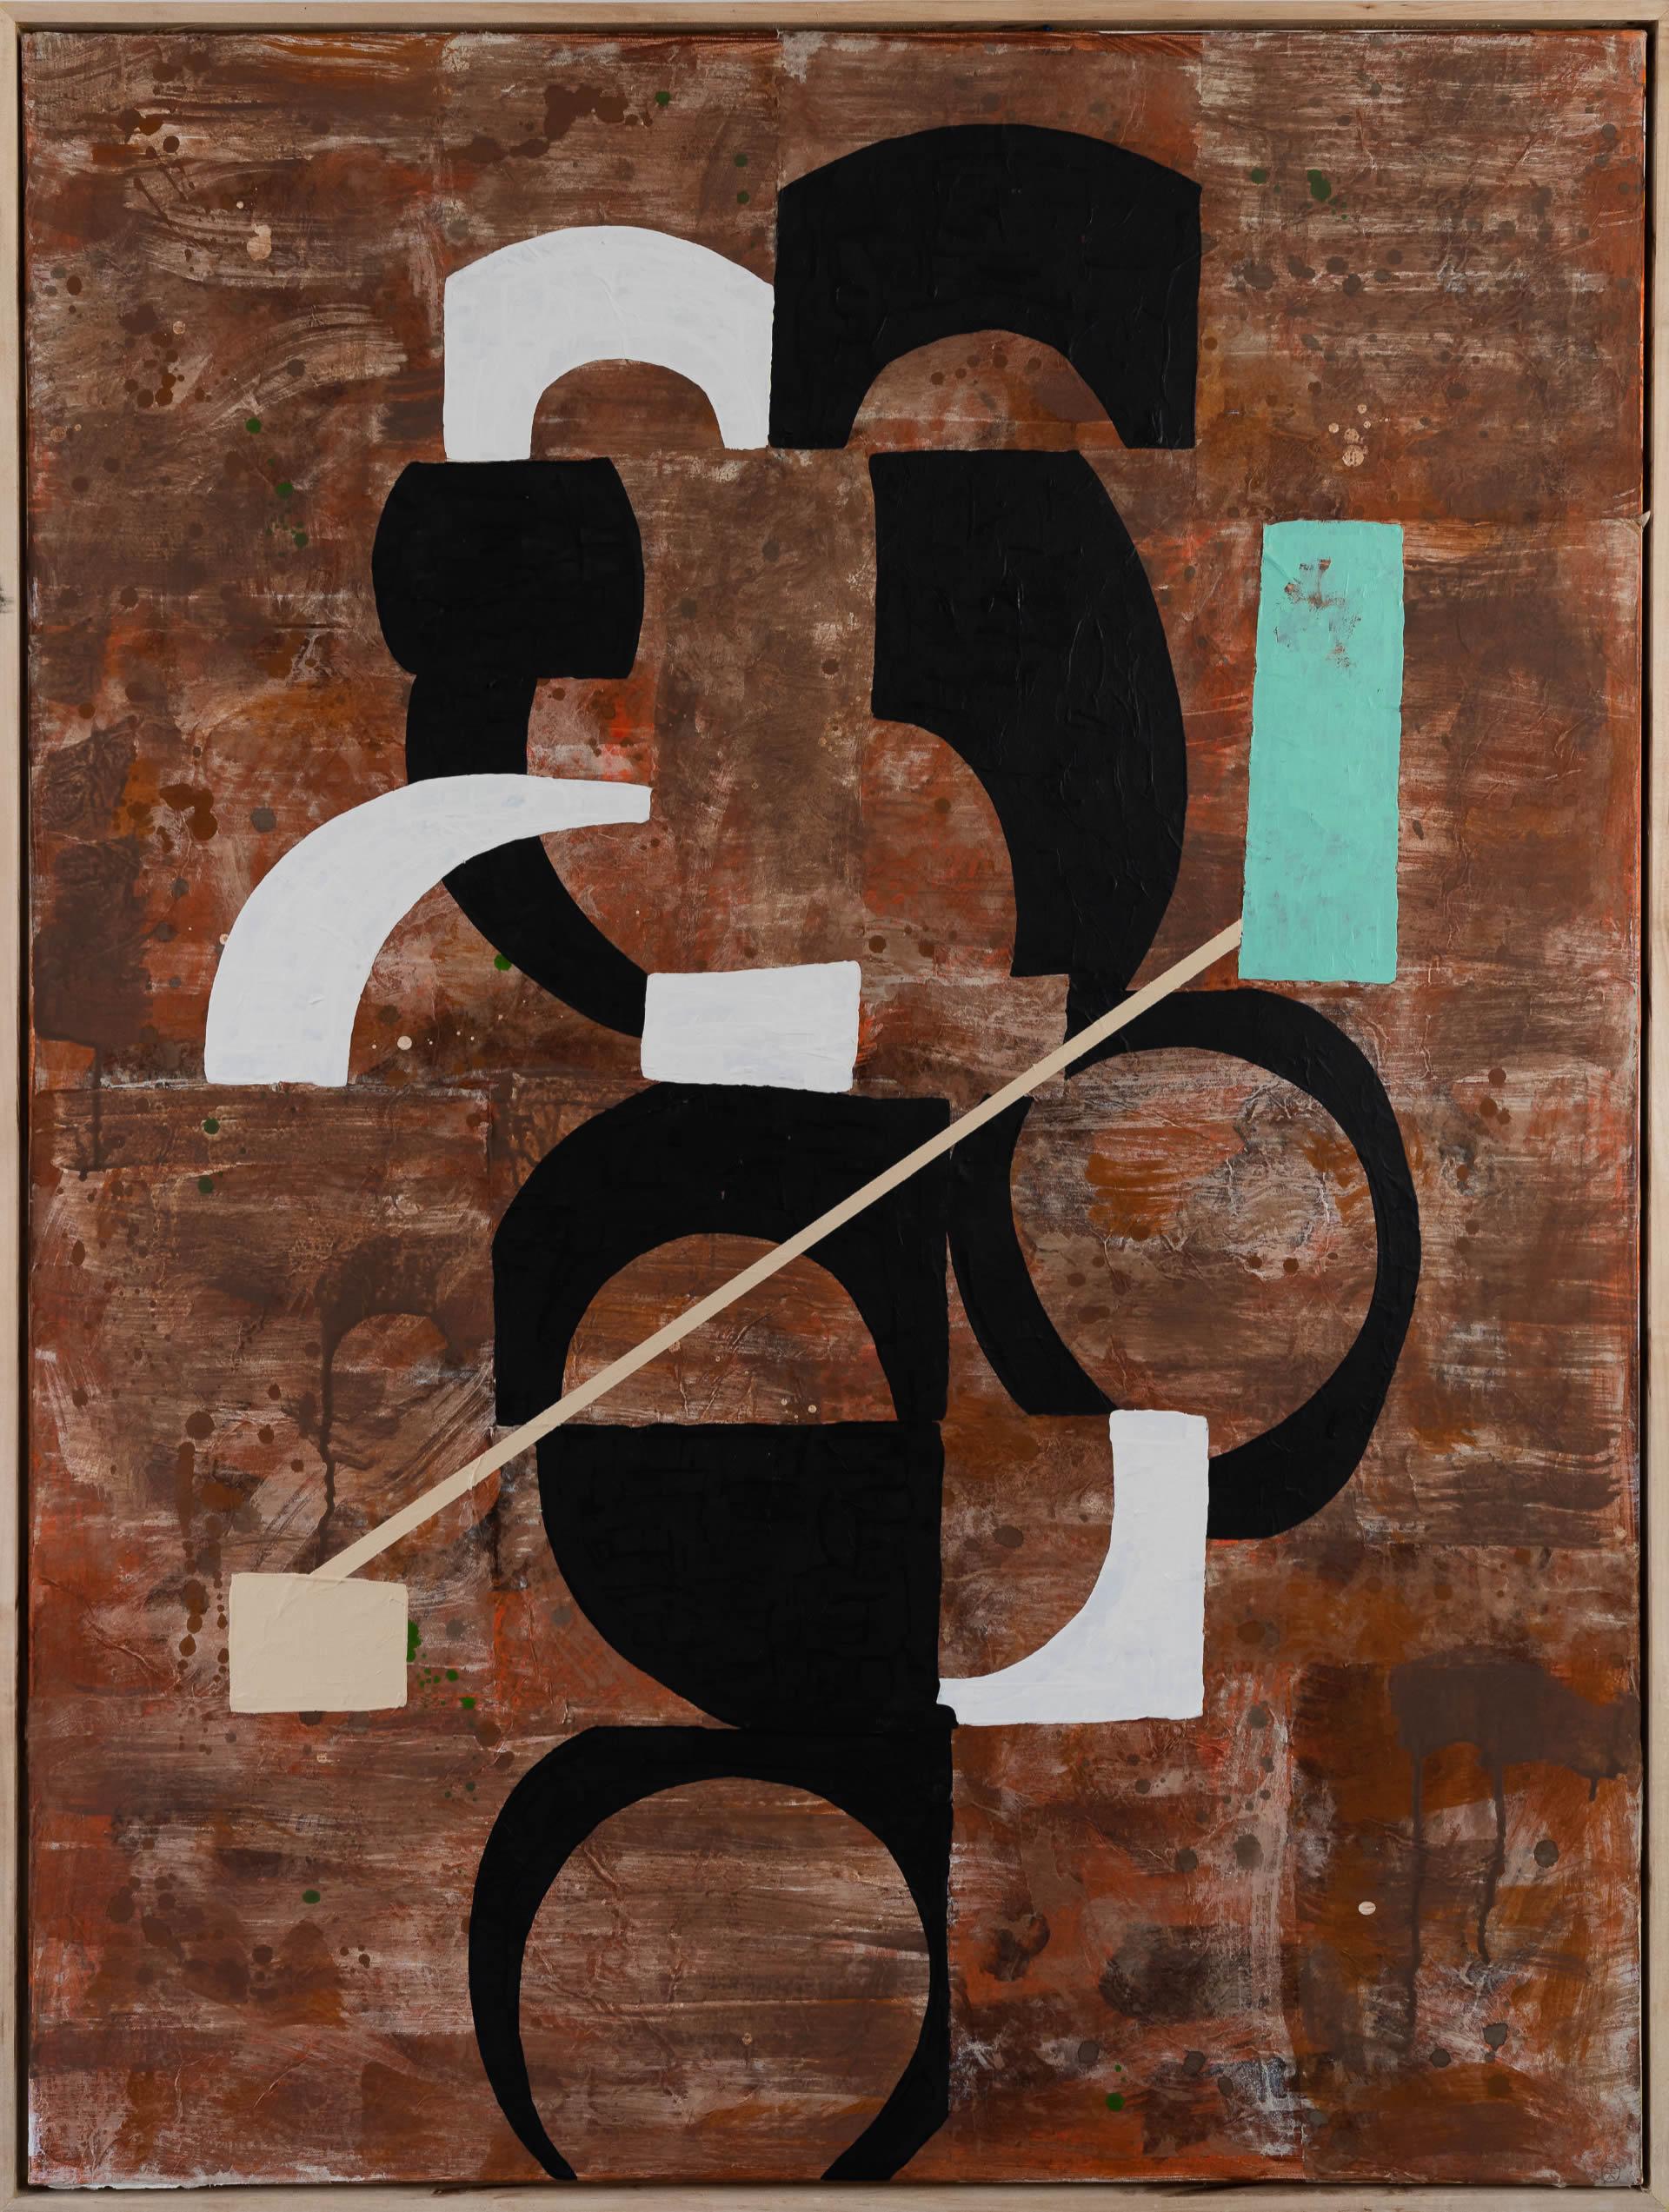 Hugh-Kearney-Arthur-Mixed-Media-On-Paper-On-Canvas-37_5x49_5-framed-3900-Online-Art-Galleries